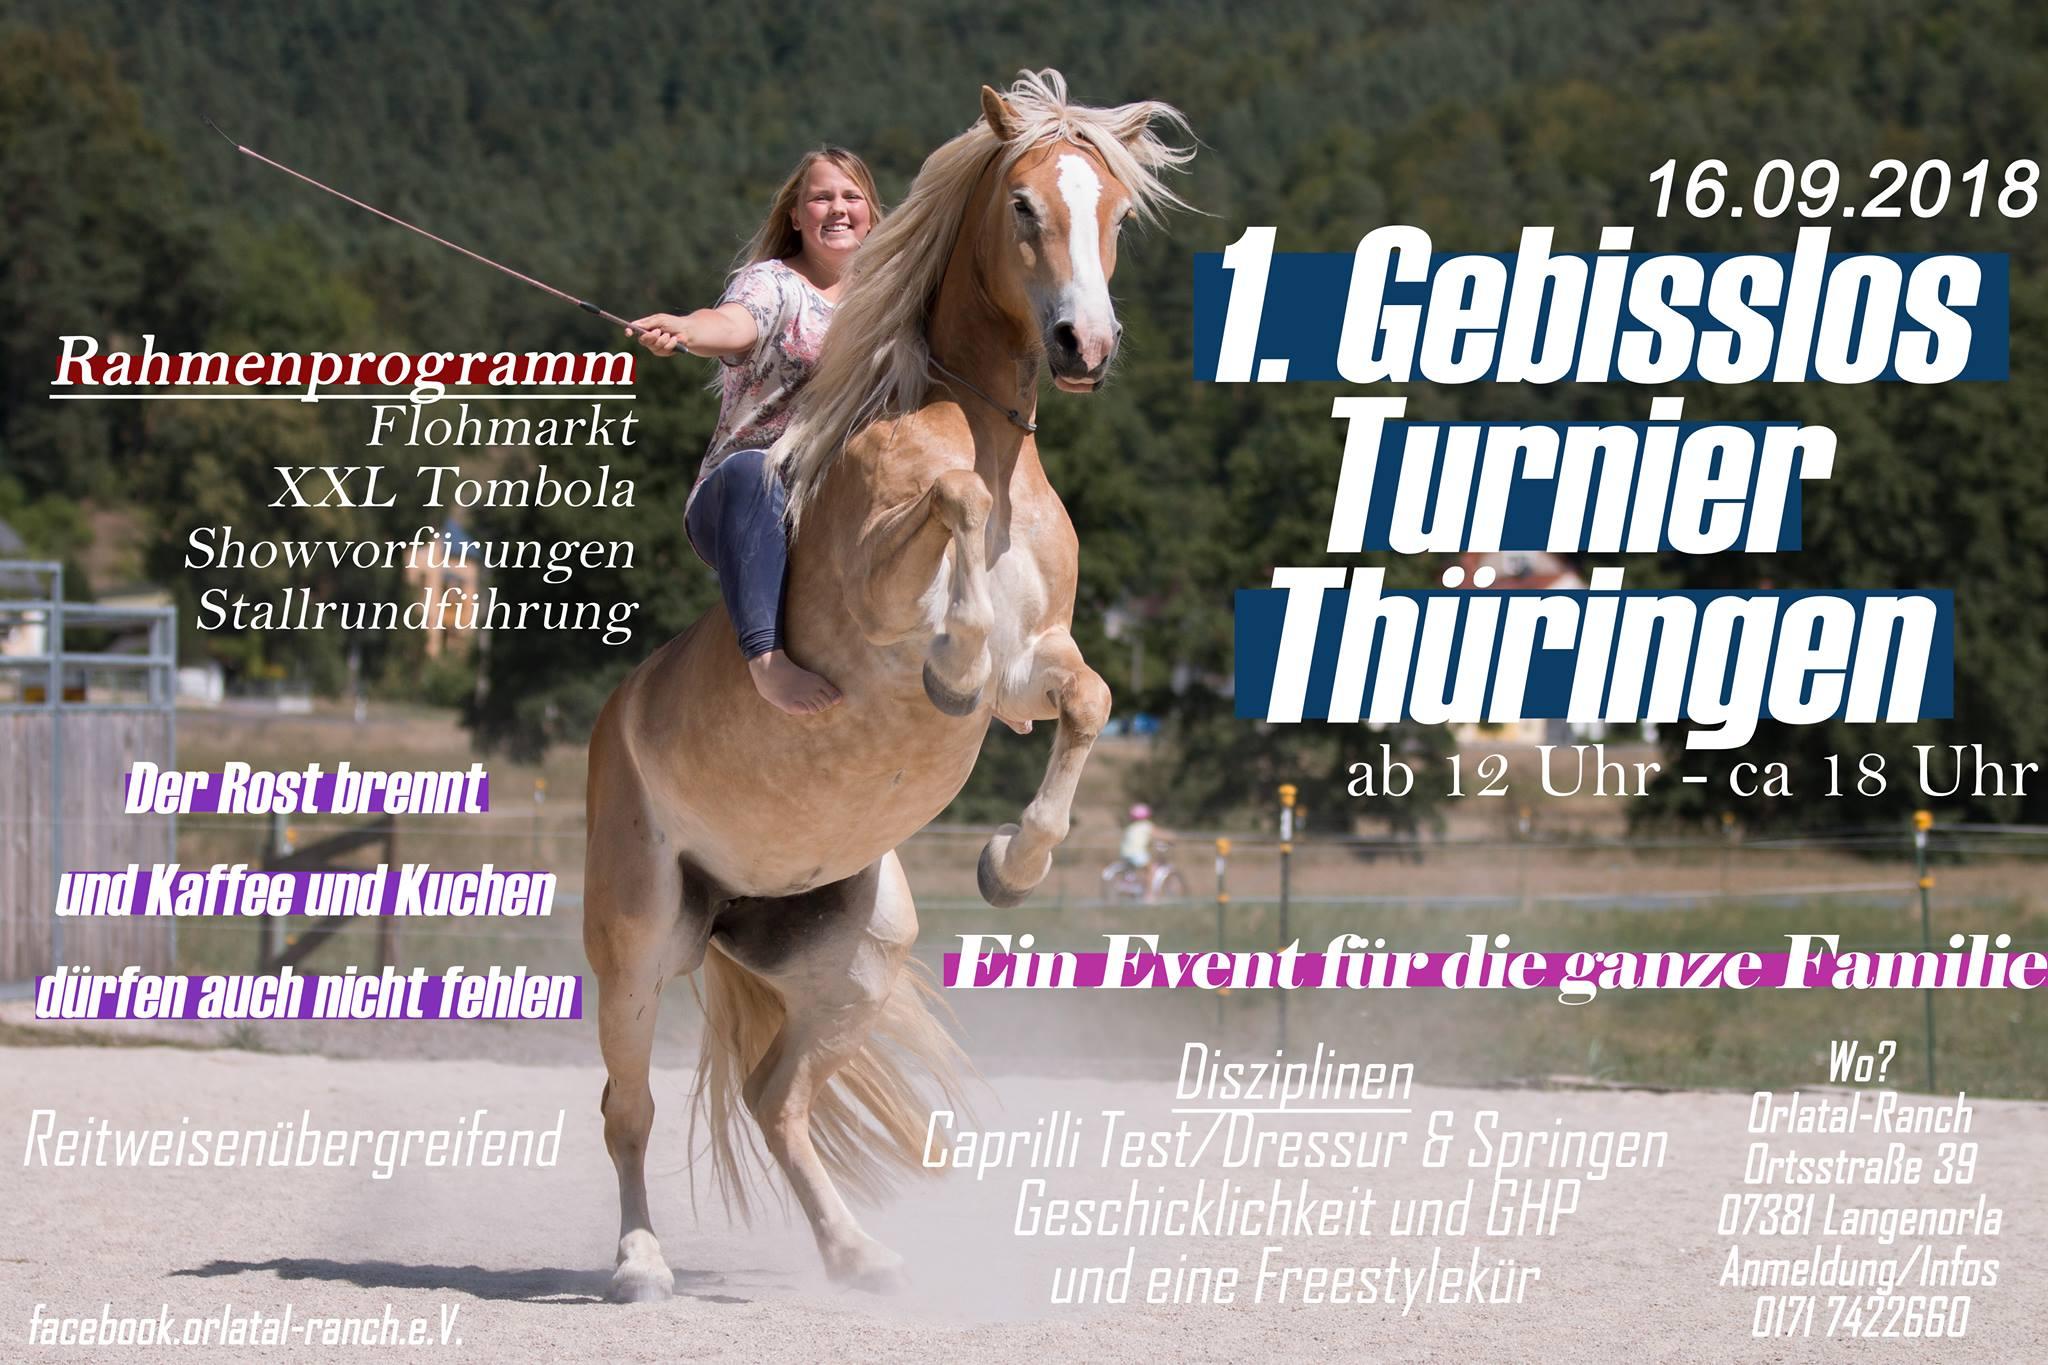 Erstes Gebisslos-Turnier in Thüringen